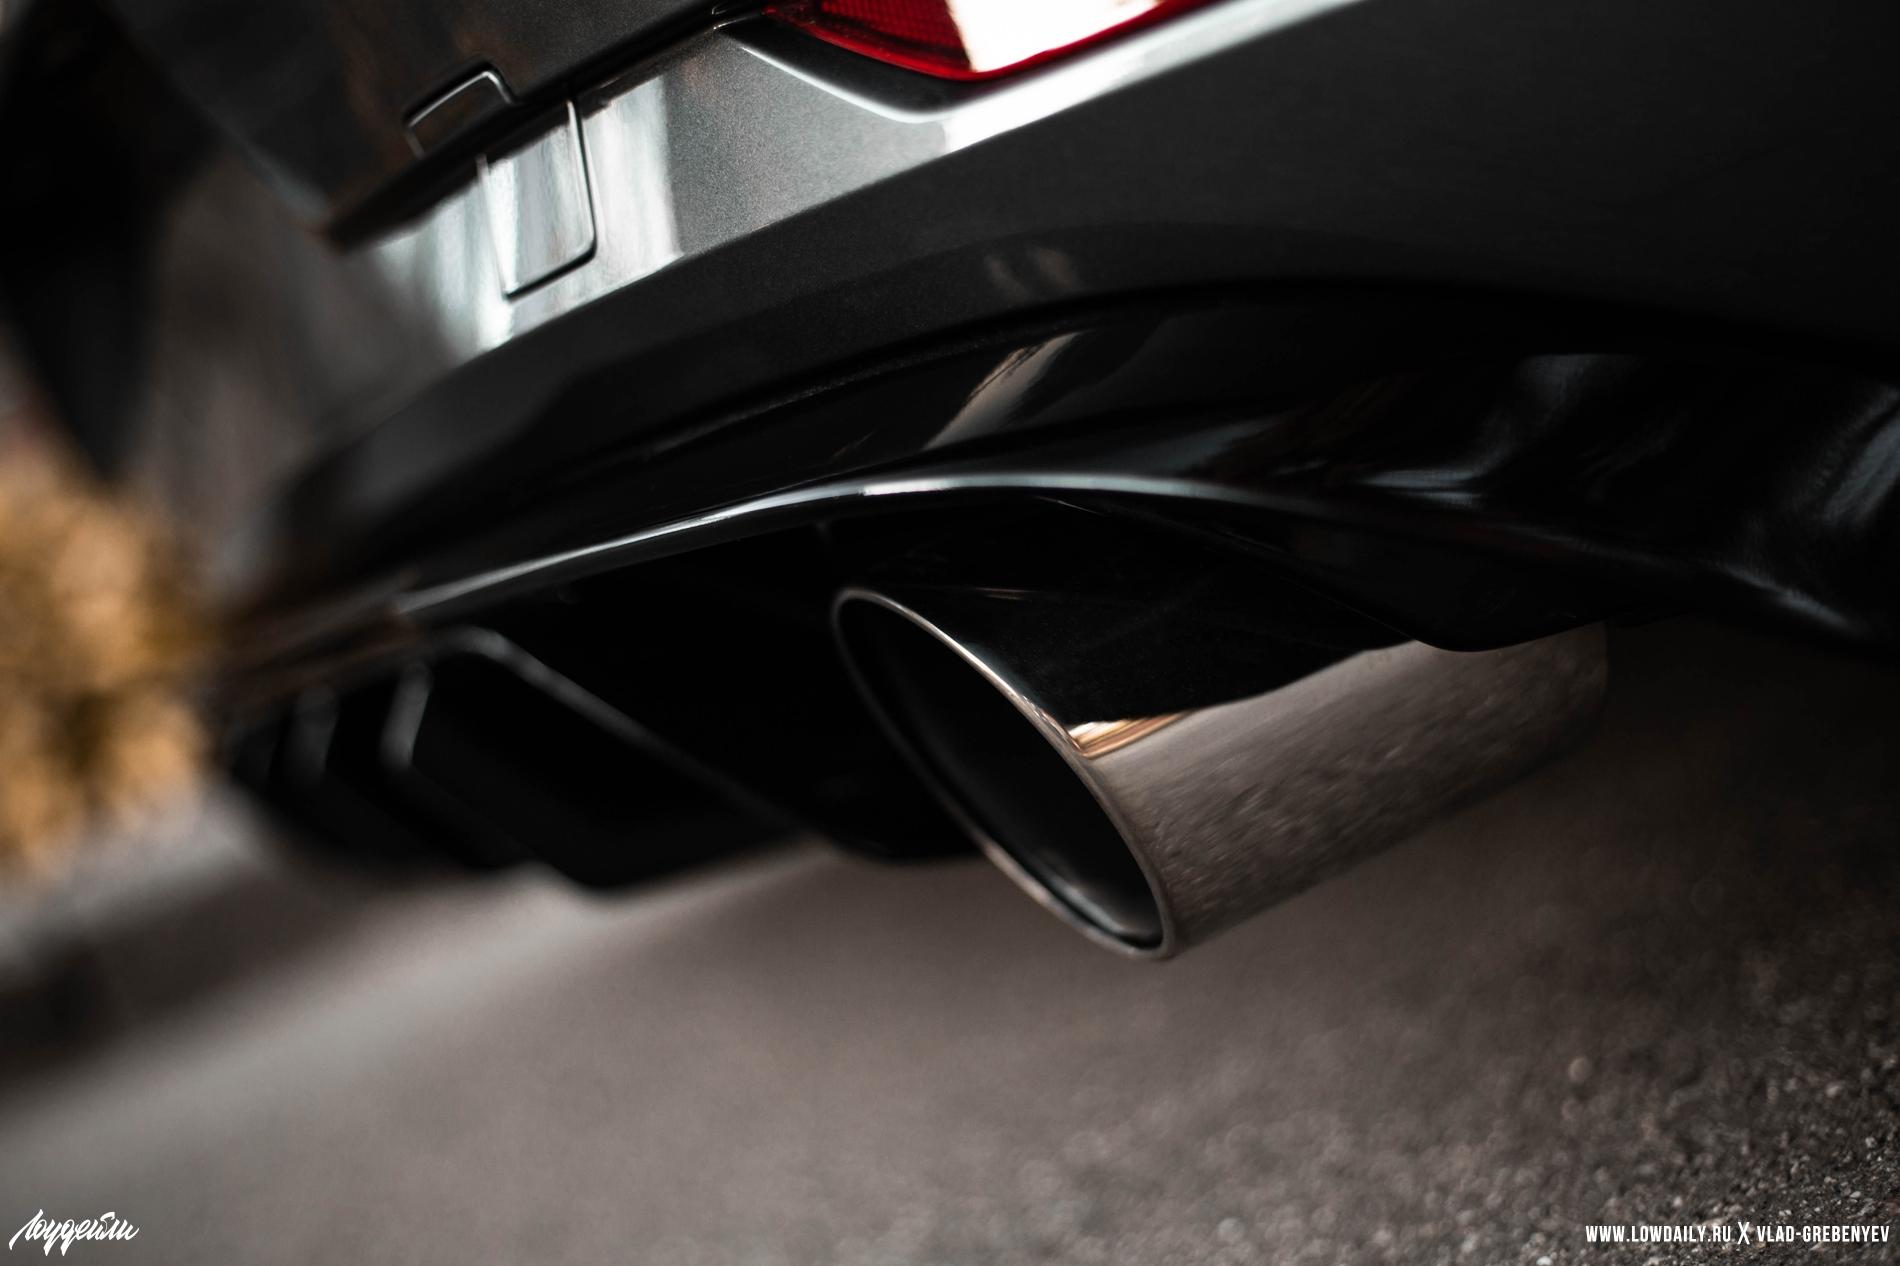 Volkswagen Golf GTI - Voomeran